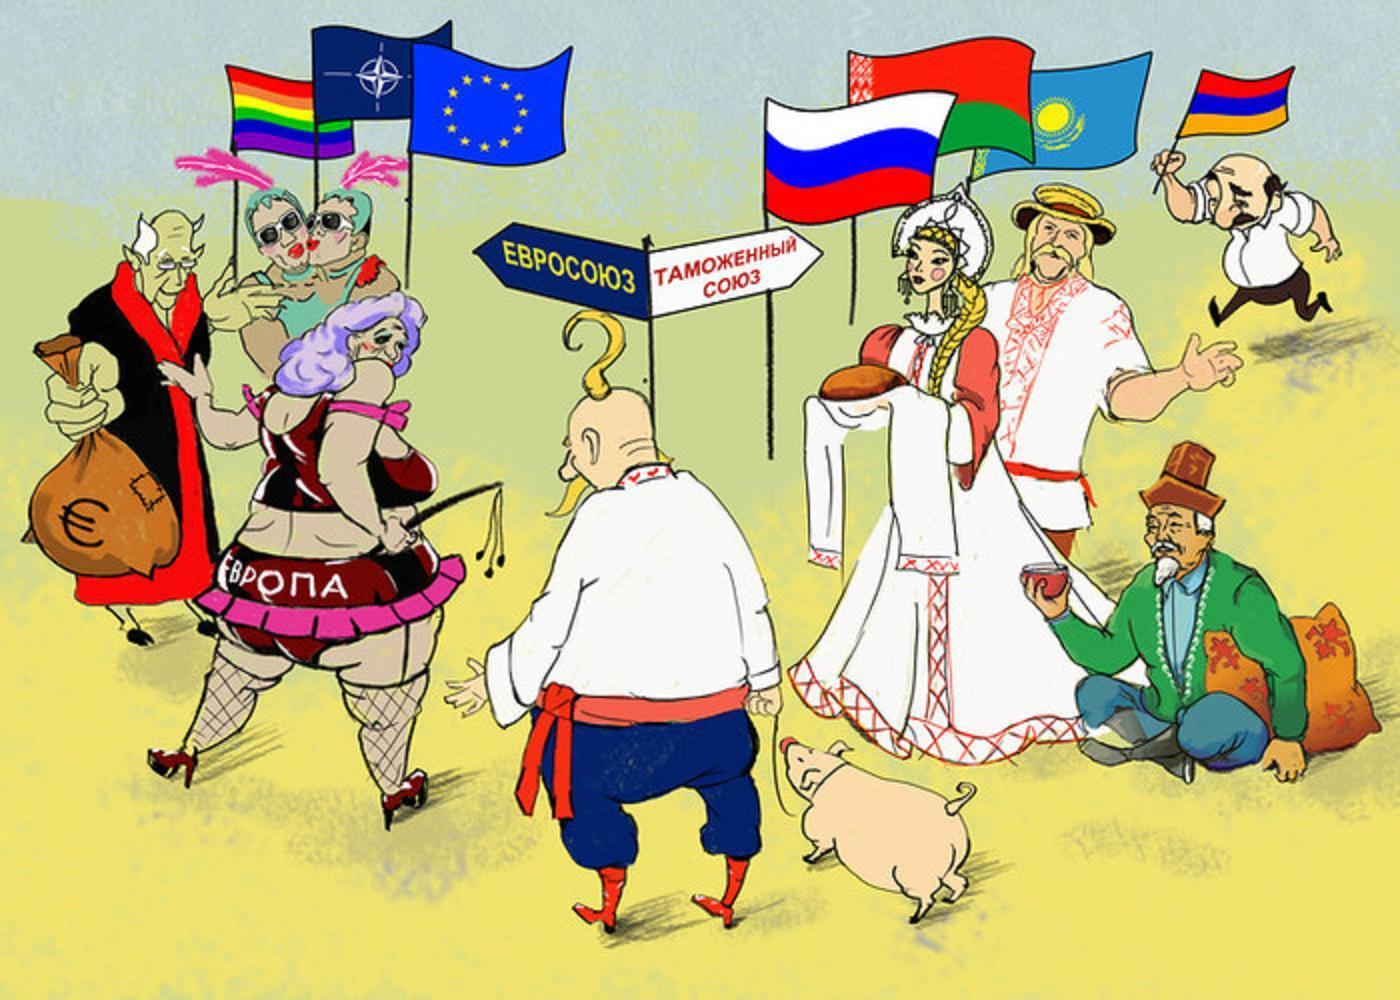 Смешные картинки евросоюза